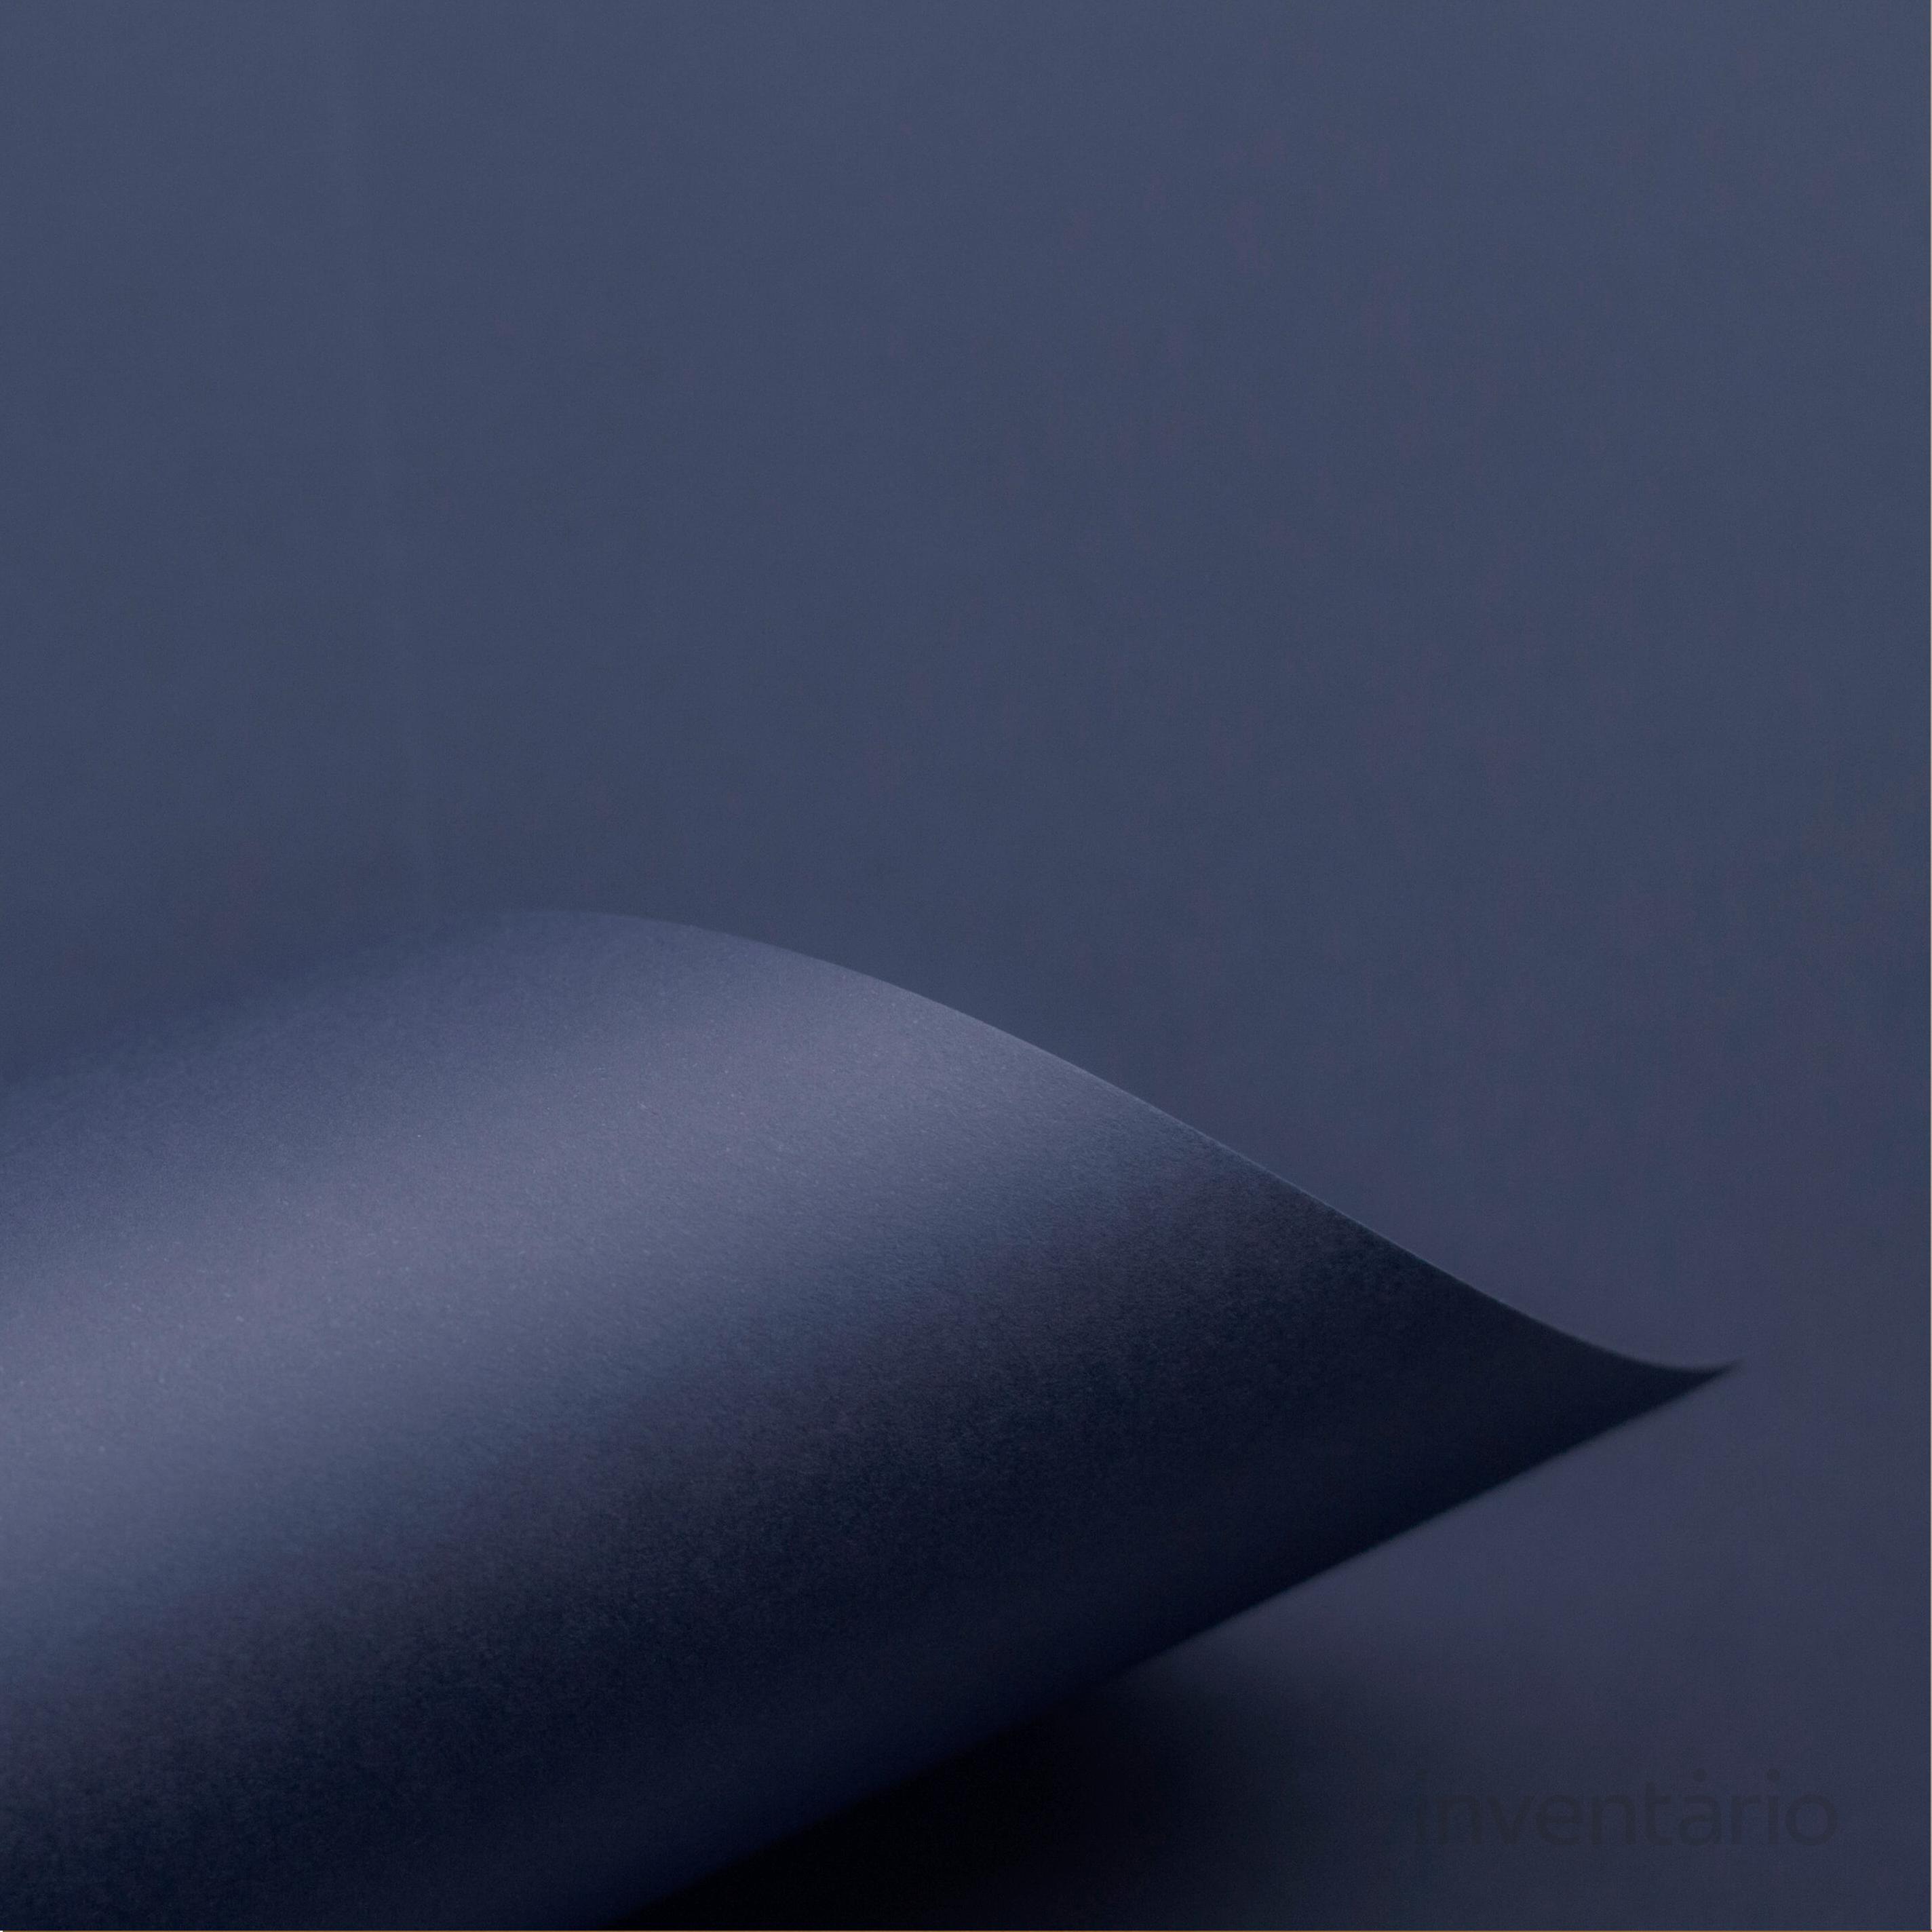 SIRIO COLOR DARK BLUE